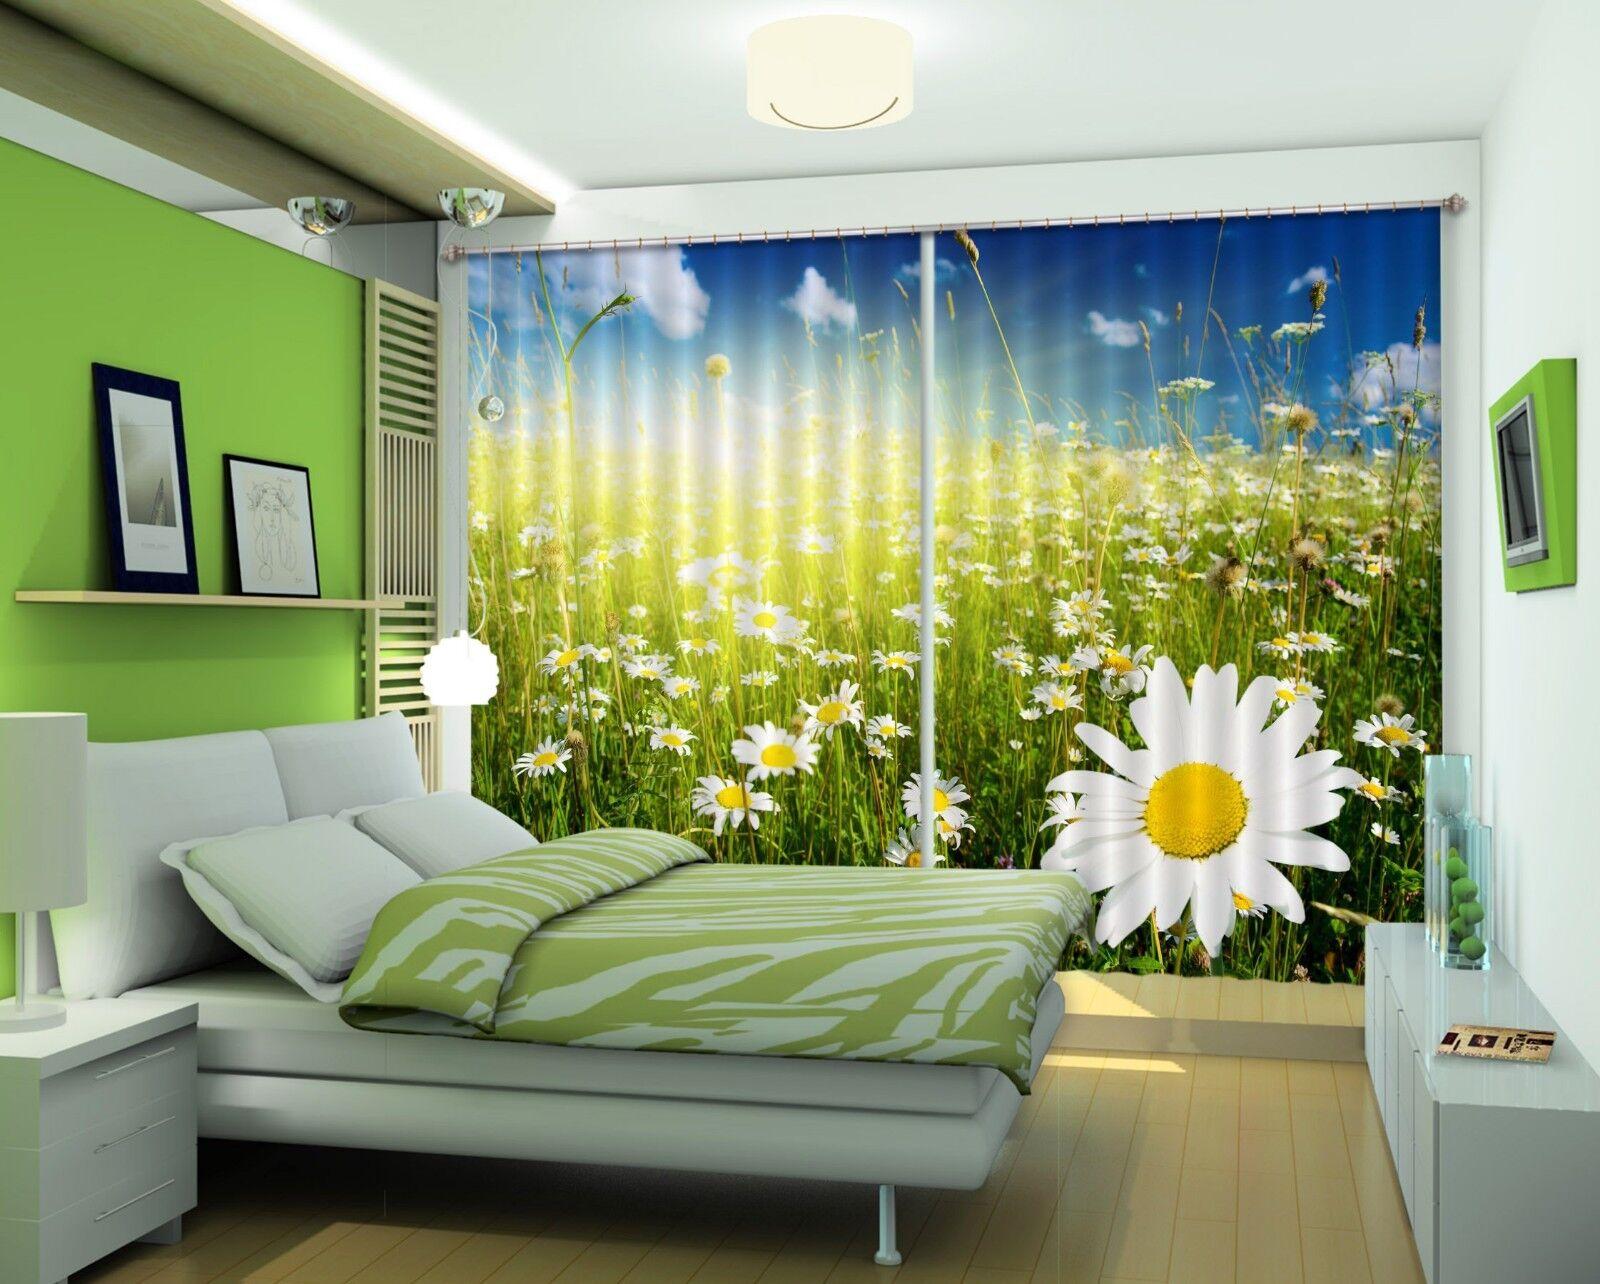 3d cielo flor bloqueo 788 cortina de fotografía presión cortinas cortina de tela de ventana